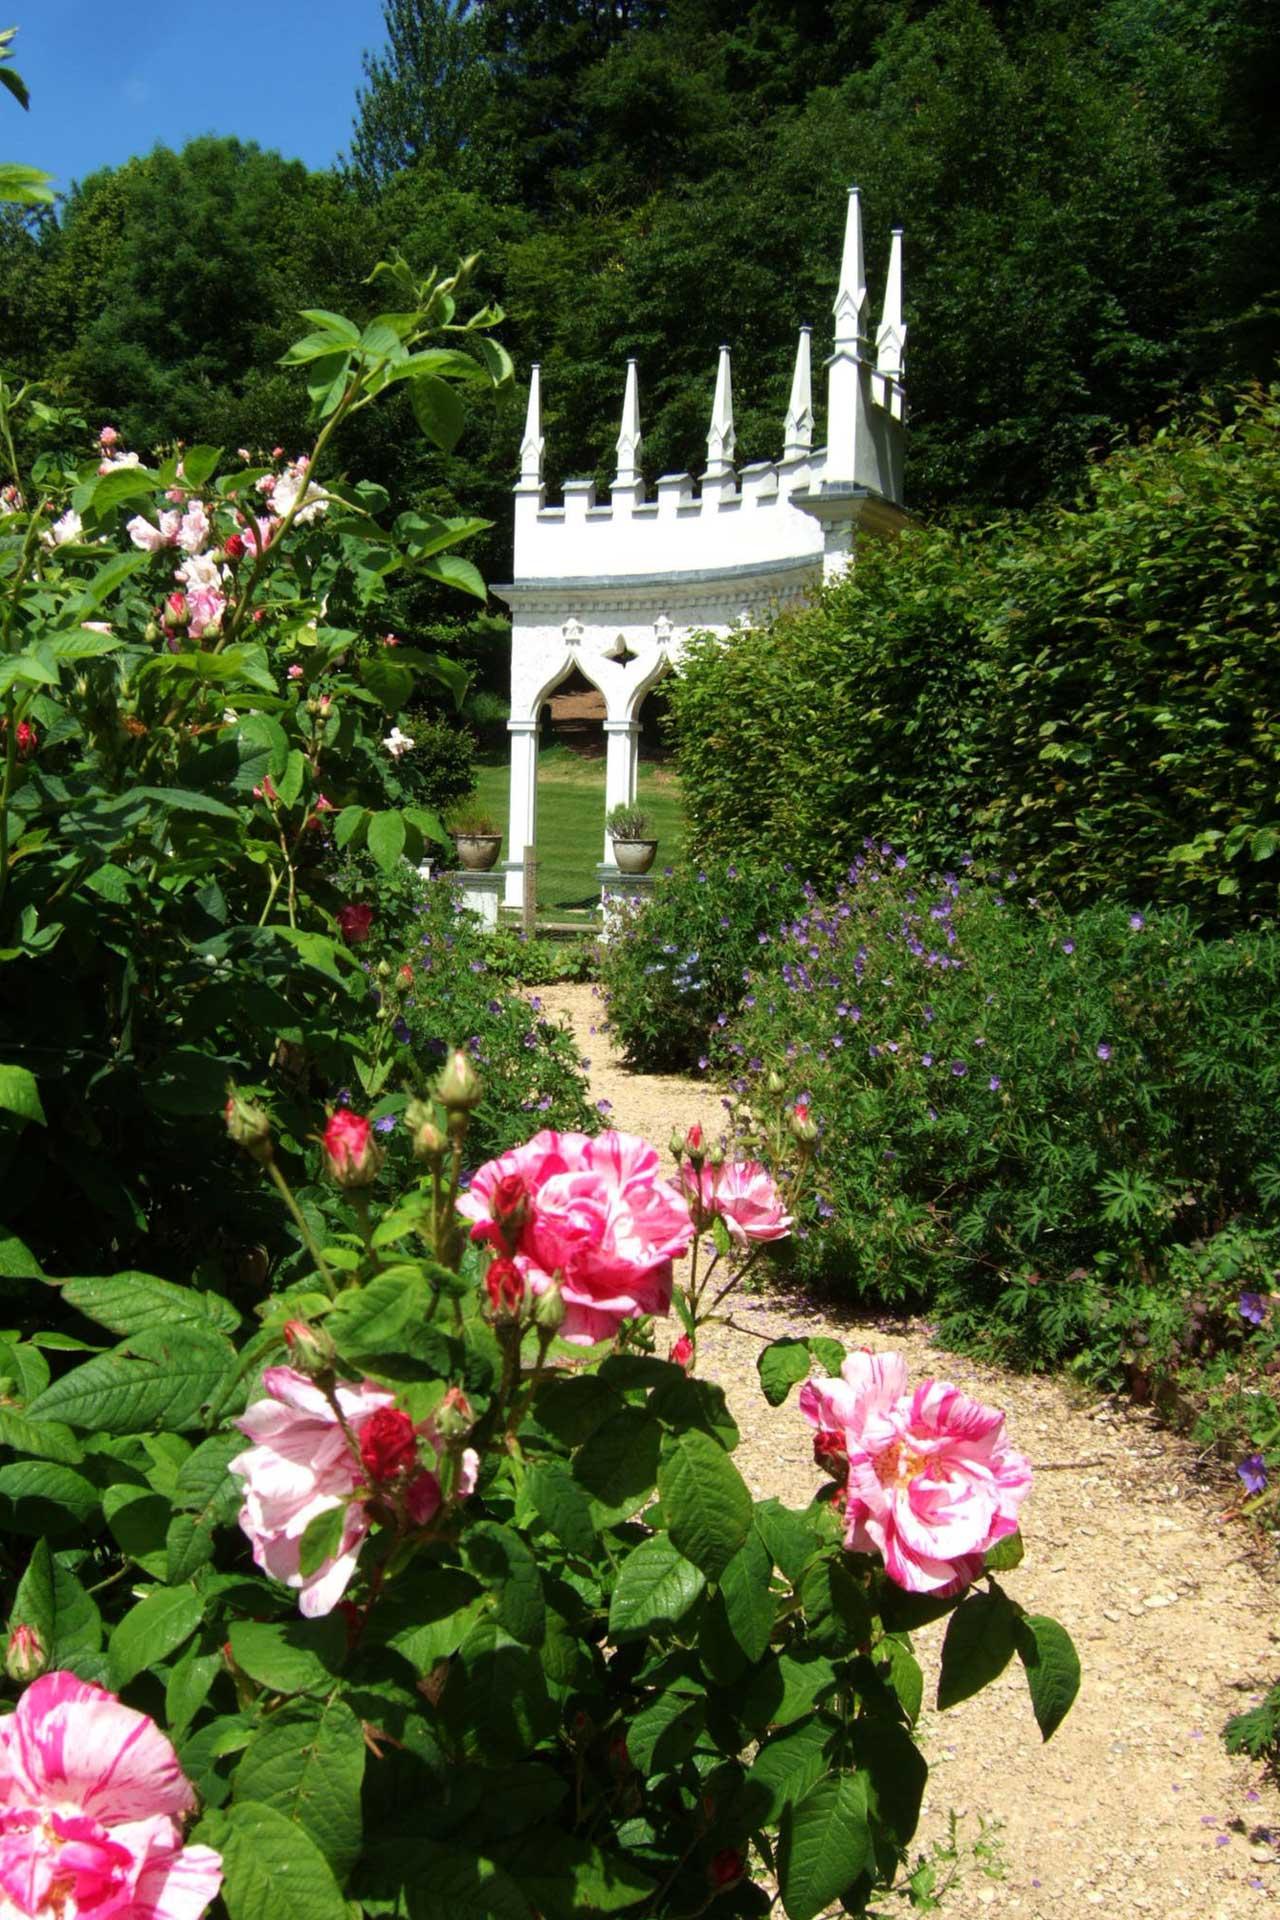 Painswick Rococo Garden by Rex Harris.